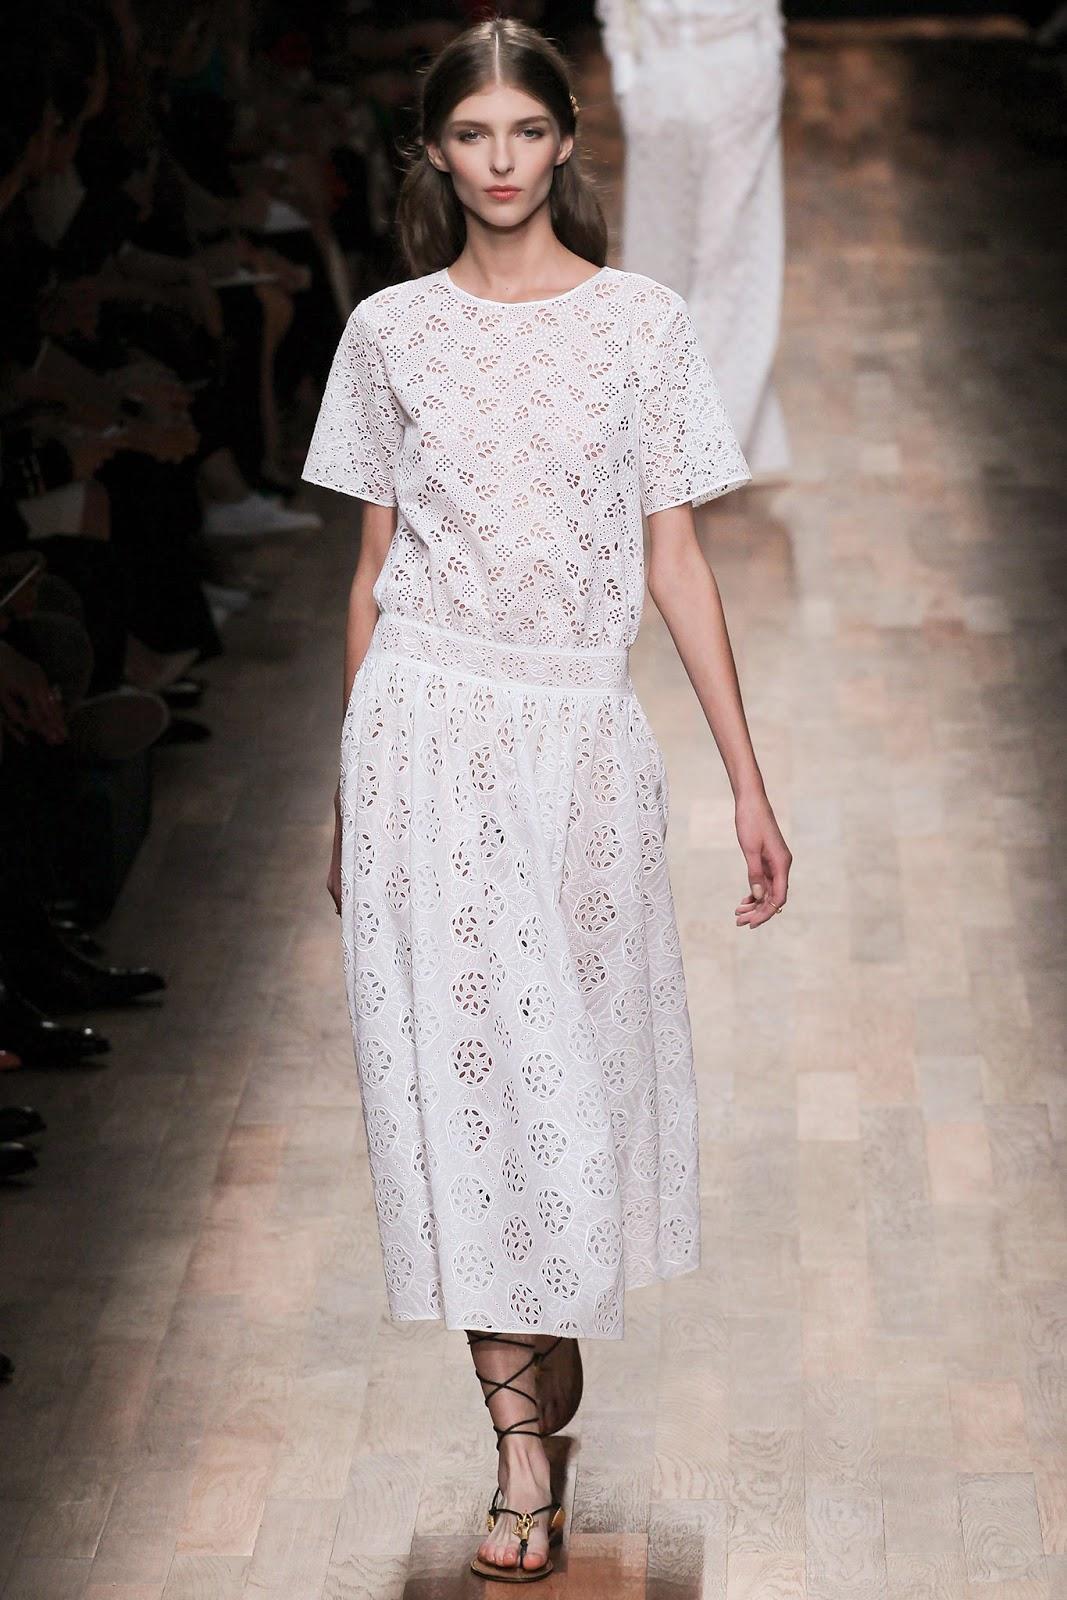 valentino 2015 summer 2016 trend women dress31 Valentino 2015 samling, våren sommaren 2016 Valentino klänning modeller, Valentino kväll klänning nya säsongen kvinnors kjolar modeller